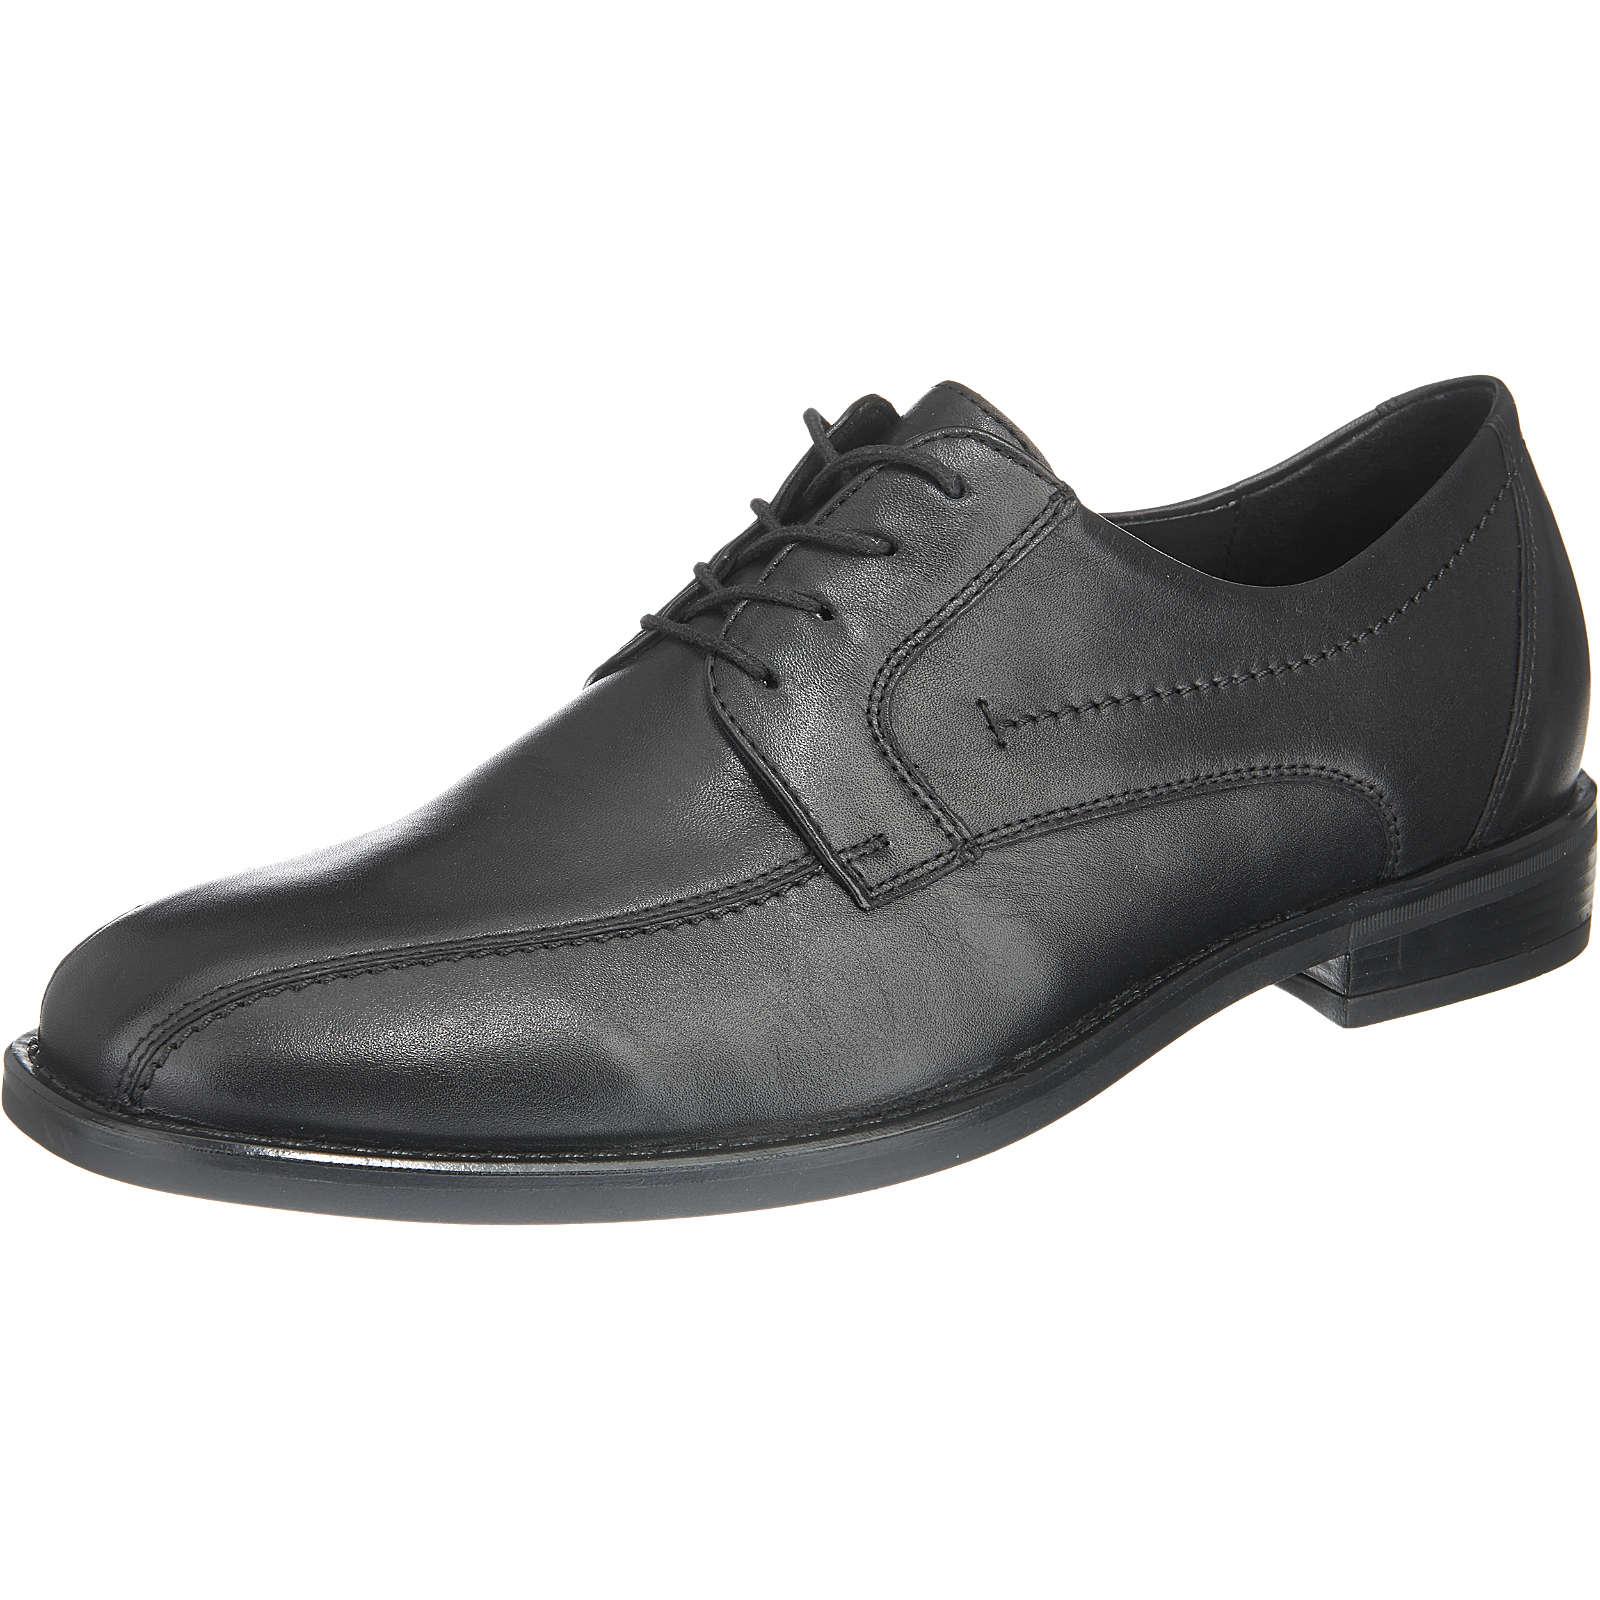 WALDLÄUFER Business Schuhe schwarz Herren Gr. 41